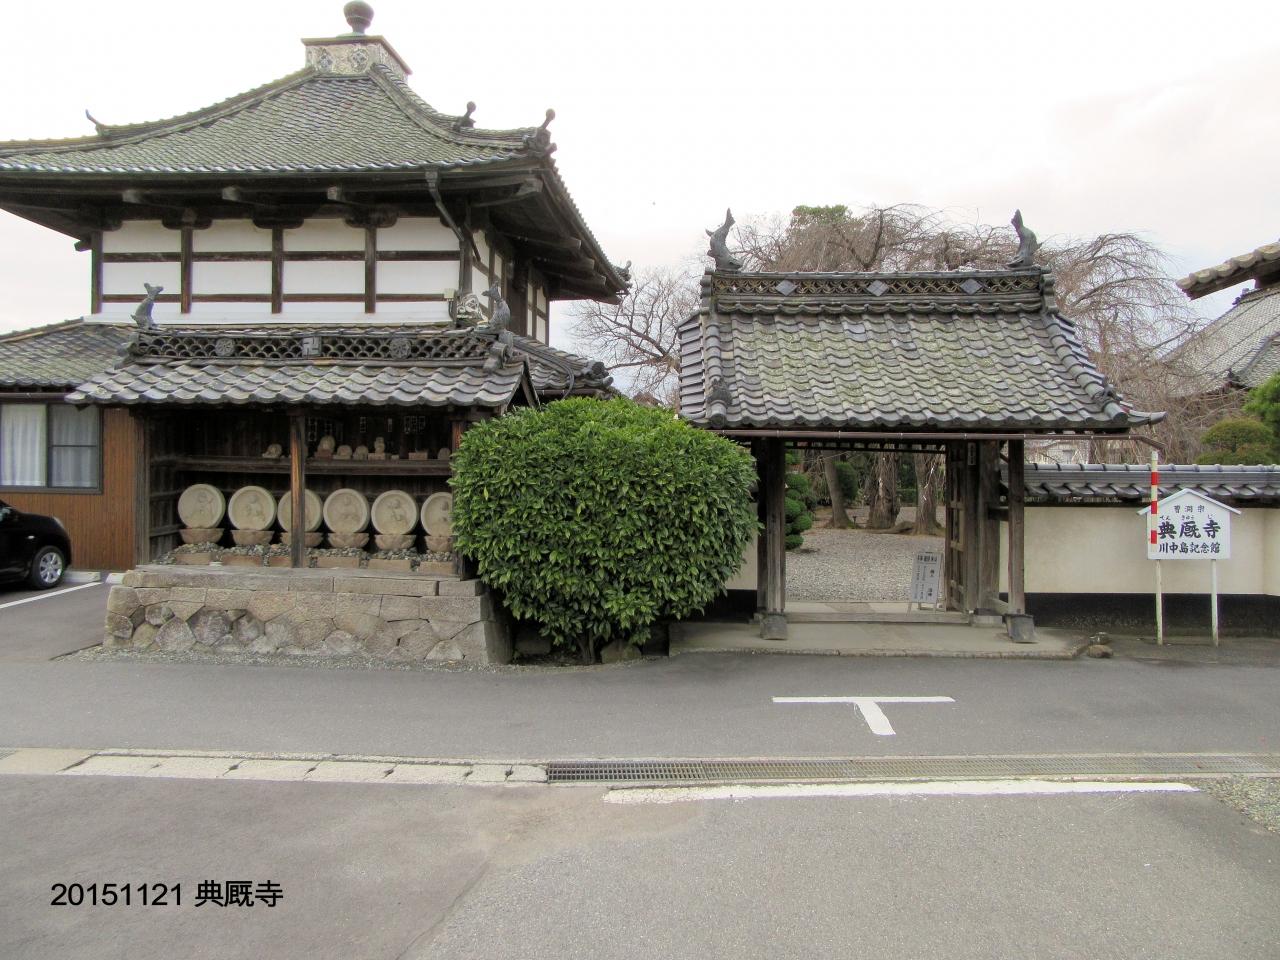 川中島典厩寺記念館のクチコミ(1ページ)